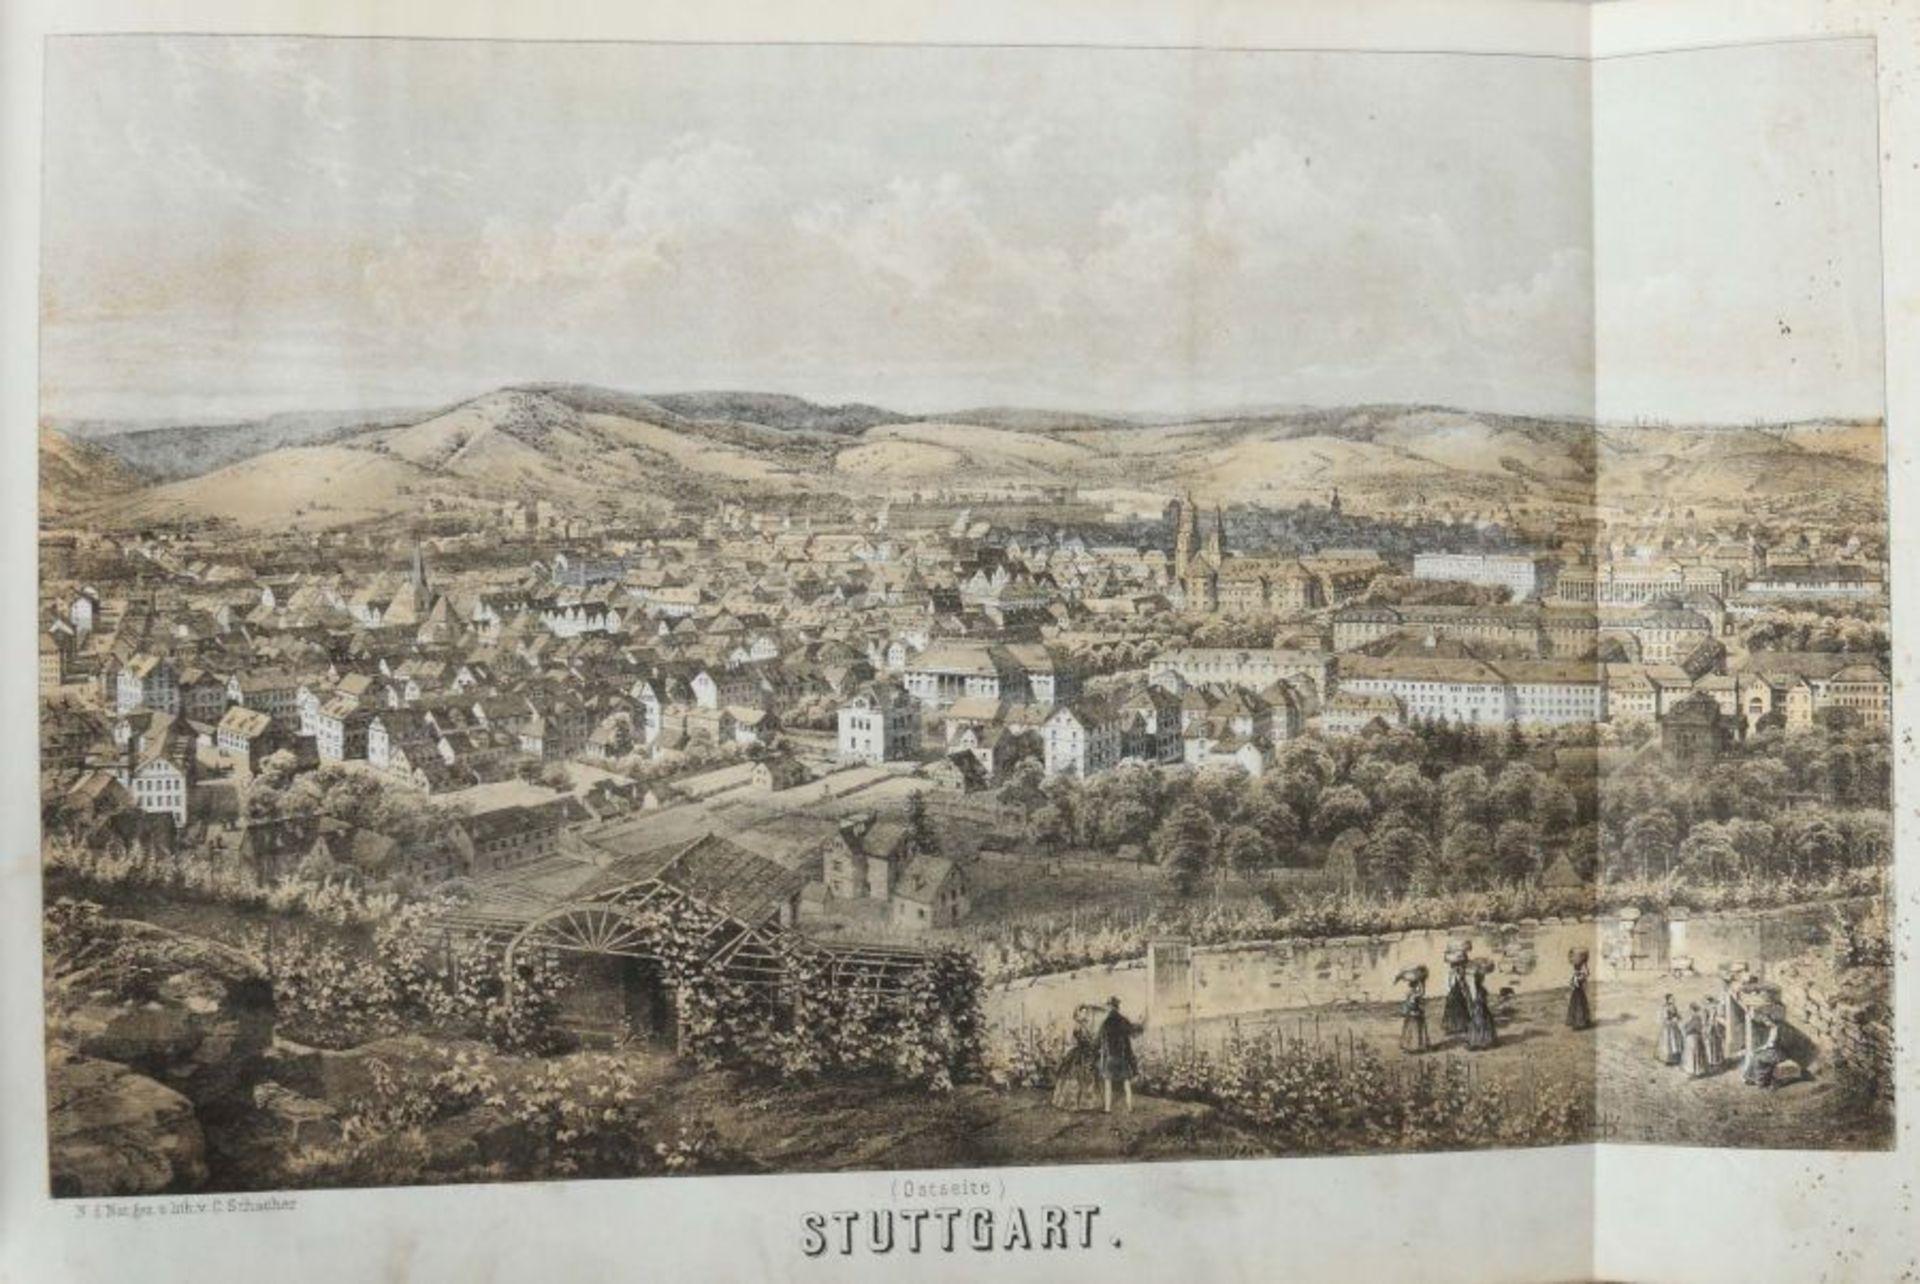 Rachel, Louis Illustrirter Atlas des Königreichs Württemnberg für Schule und Haus mit vielen Kart - Bild 5 aus 6